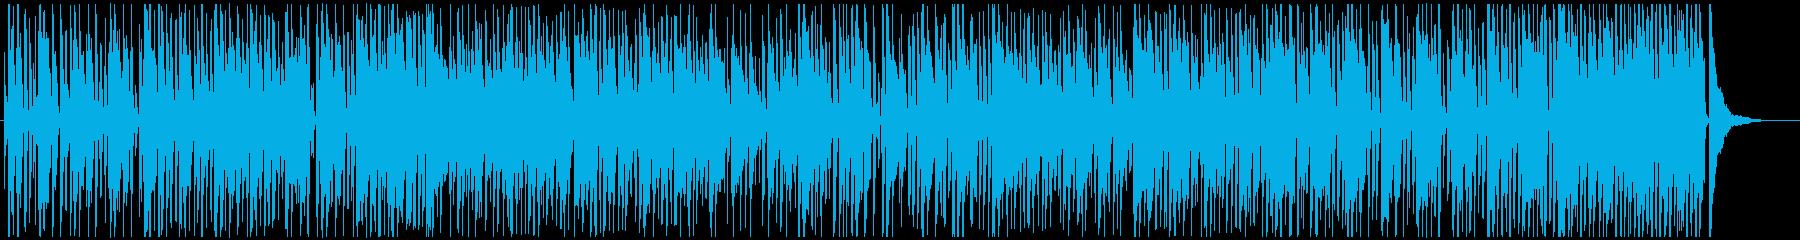 ピアノとサックスのお洒落なジャズの再生済みの波形